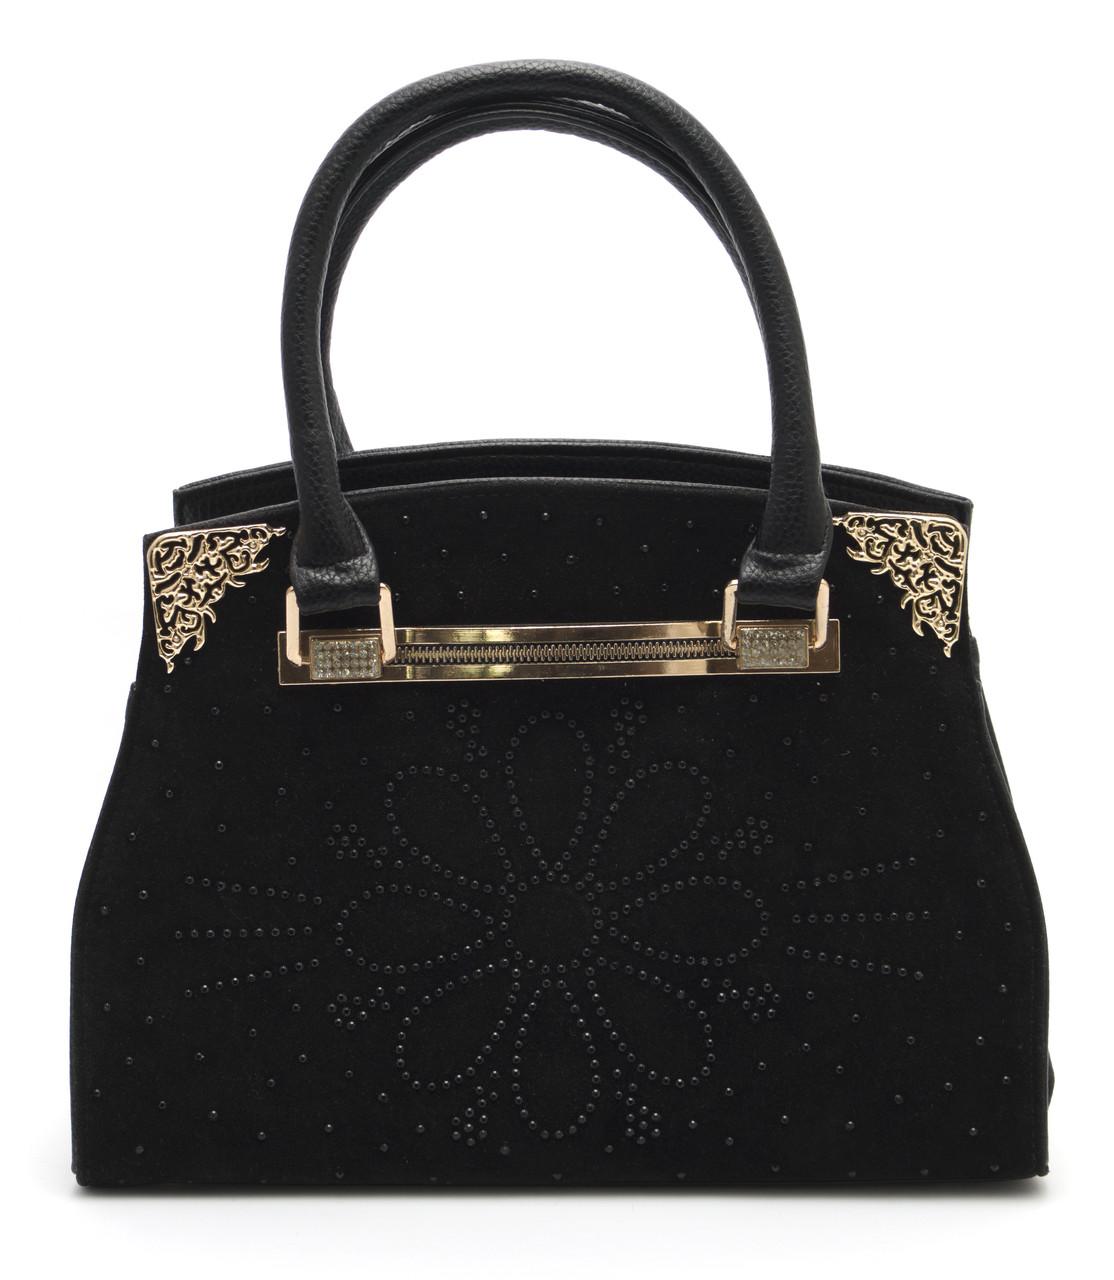 Оригинальная женская сумка  Б/Н art. 808